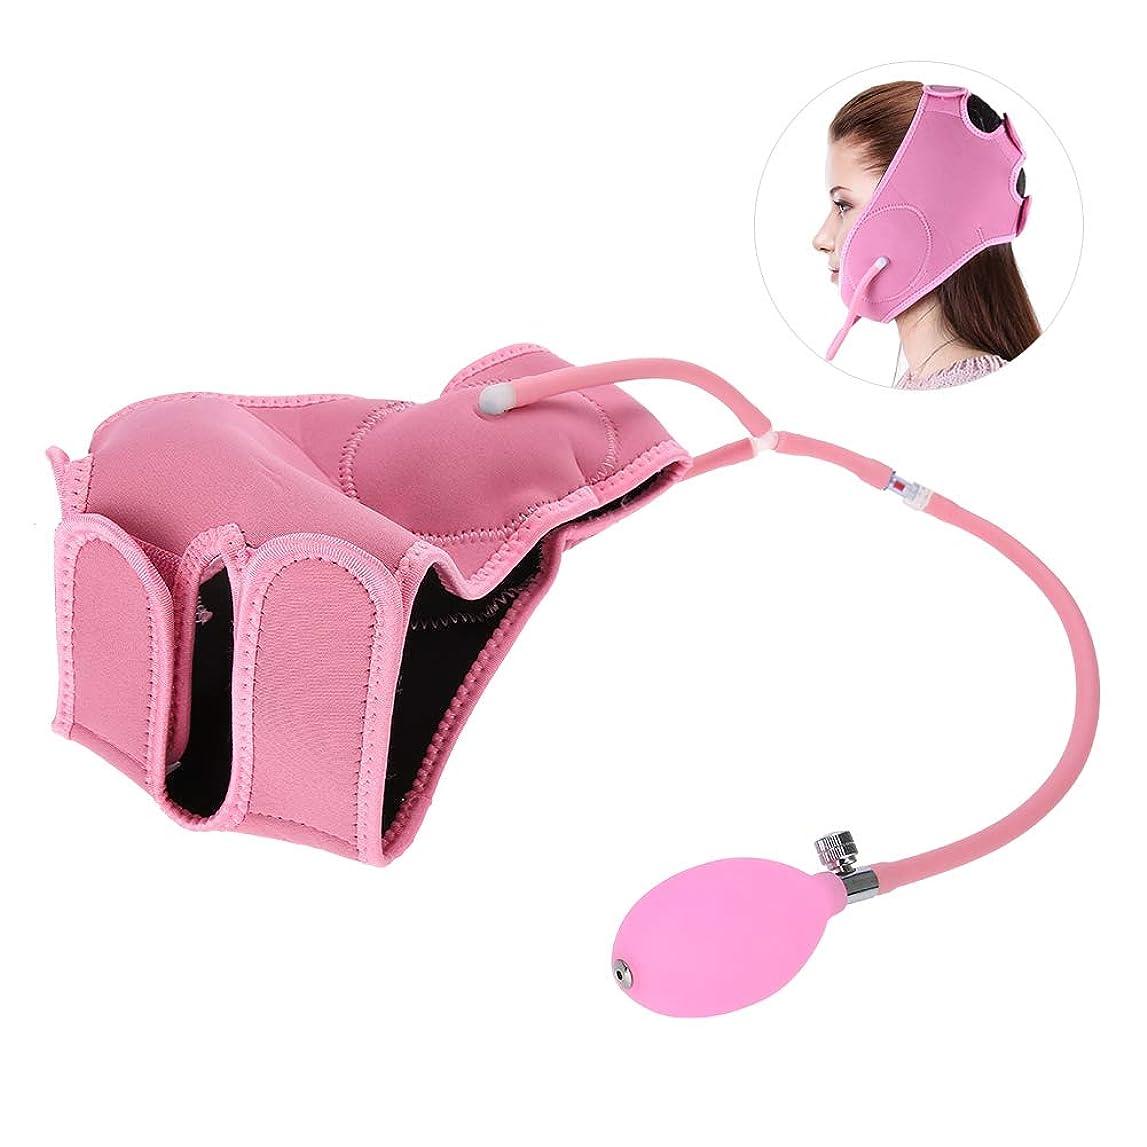 引数失態デンマーク語美顔術の器械、創造的なエアバッグの設計は持ち上がる包帯をきつく締めます二重あごの美顔術のための顔の心配用具を滑らかにします